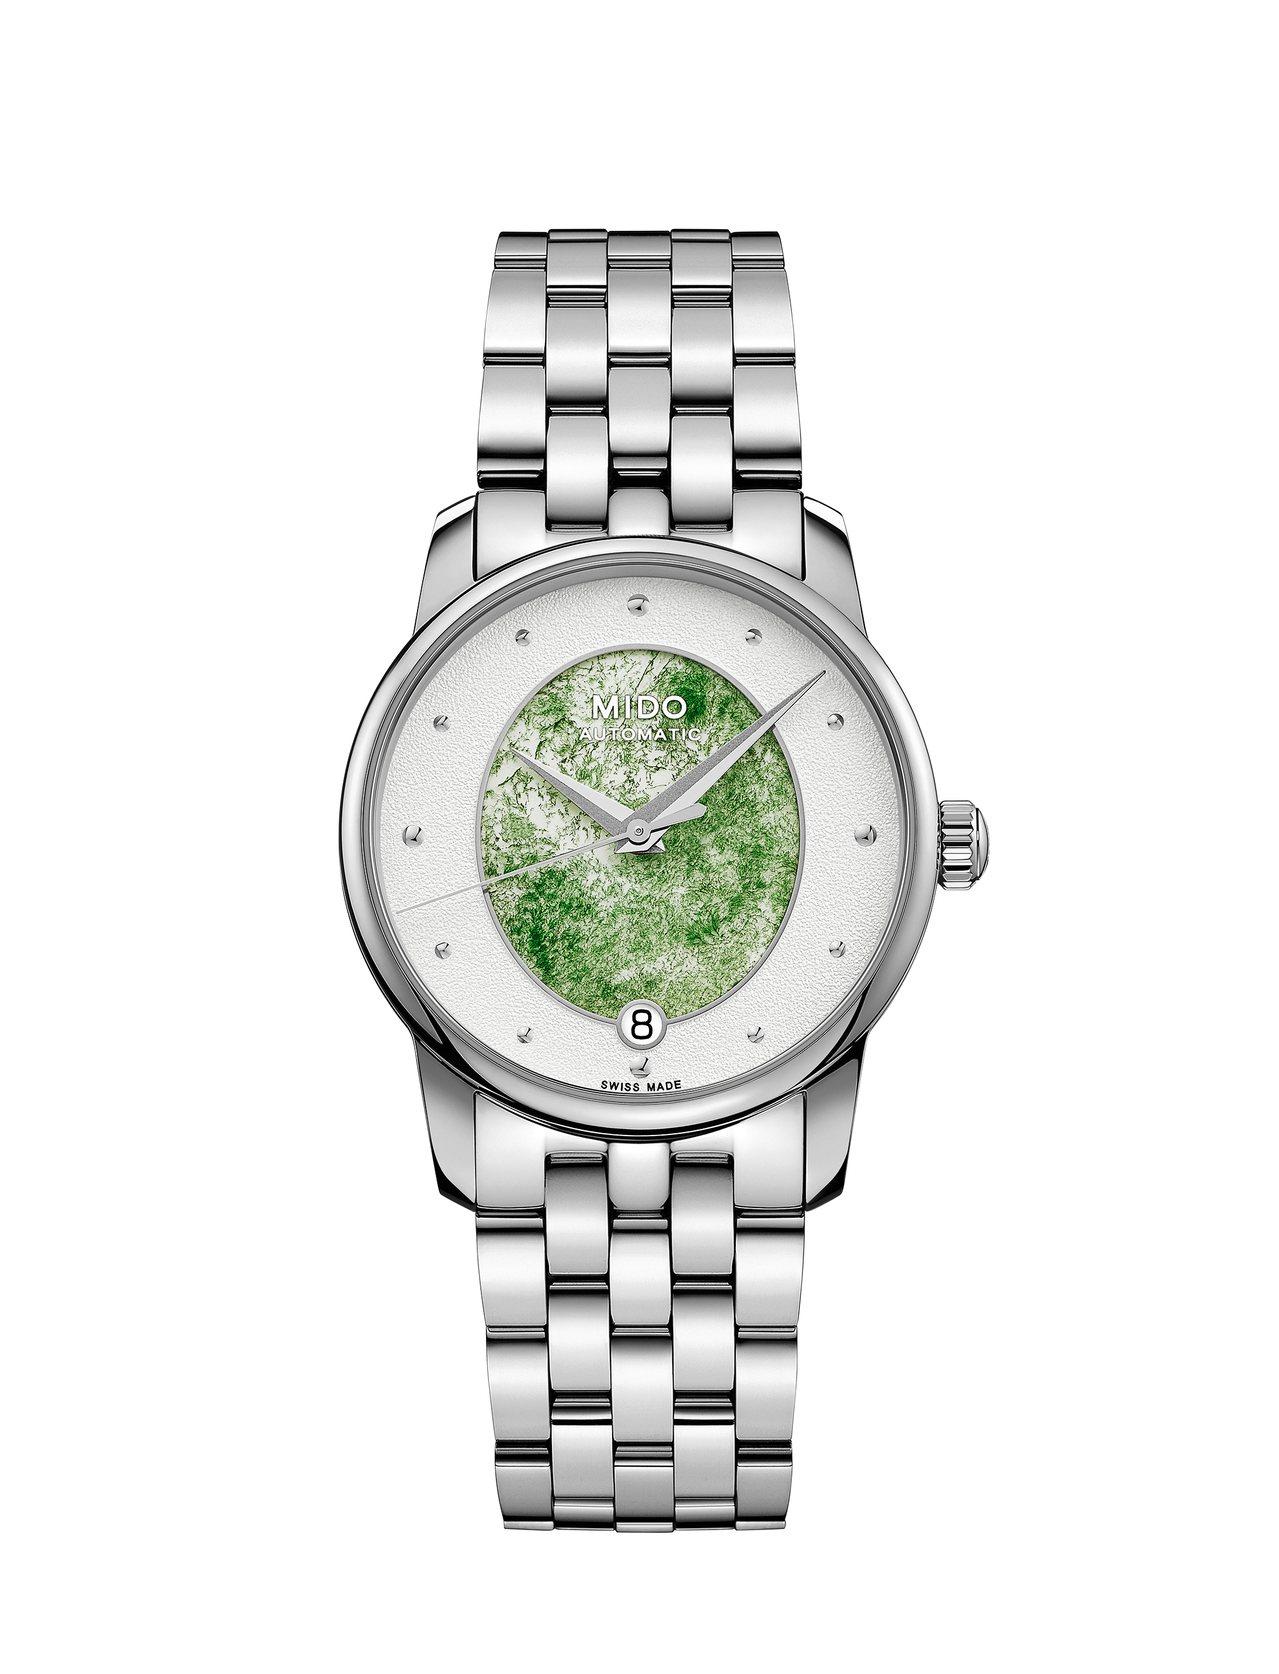 美度表彩石系列表款,碧玉石搭配不鏽鋼表殼、表鍊,約30,200元。圖/MIDO提...